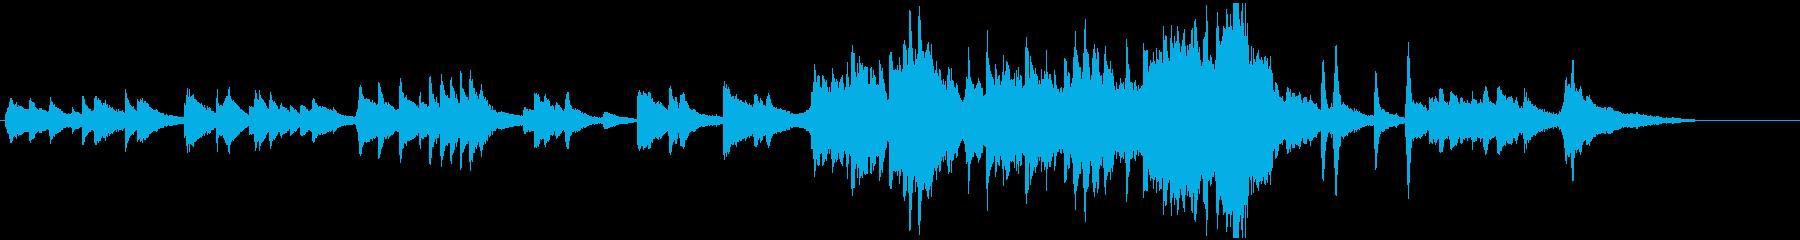 どこか日本の田舎町を連想するピアノ曲ですの再生済みの波形